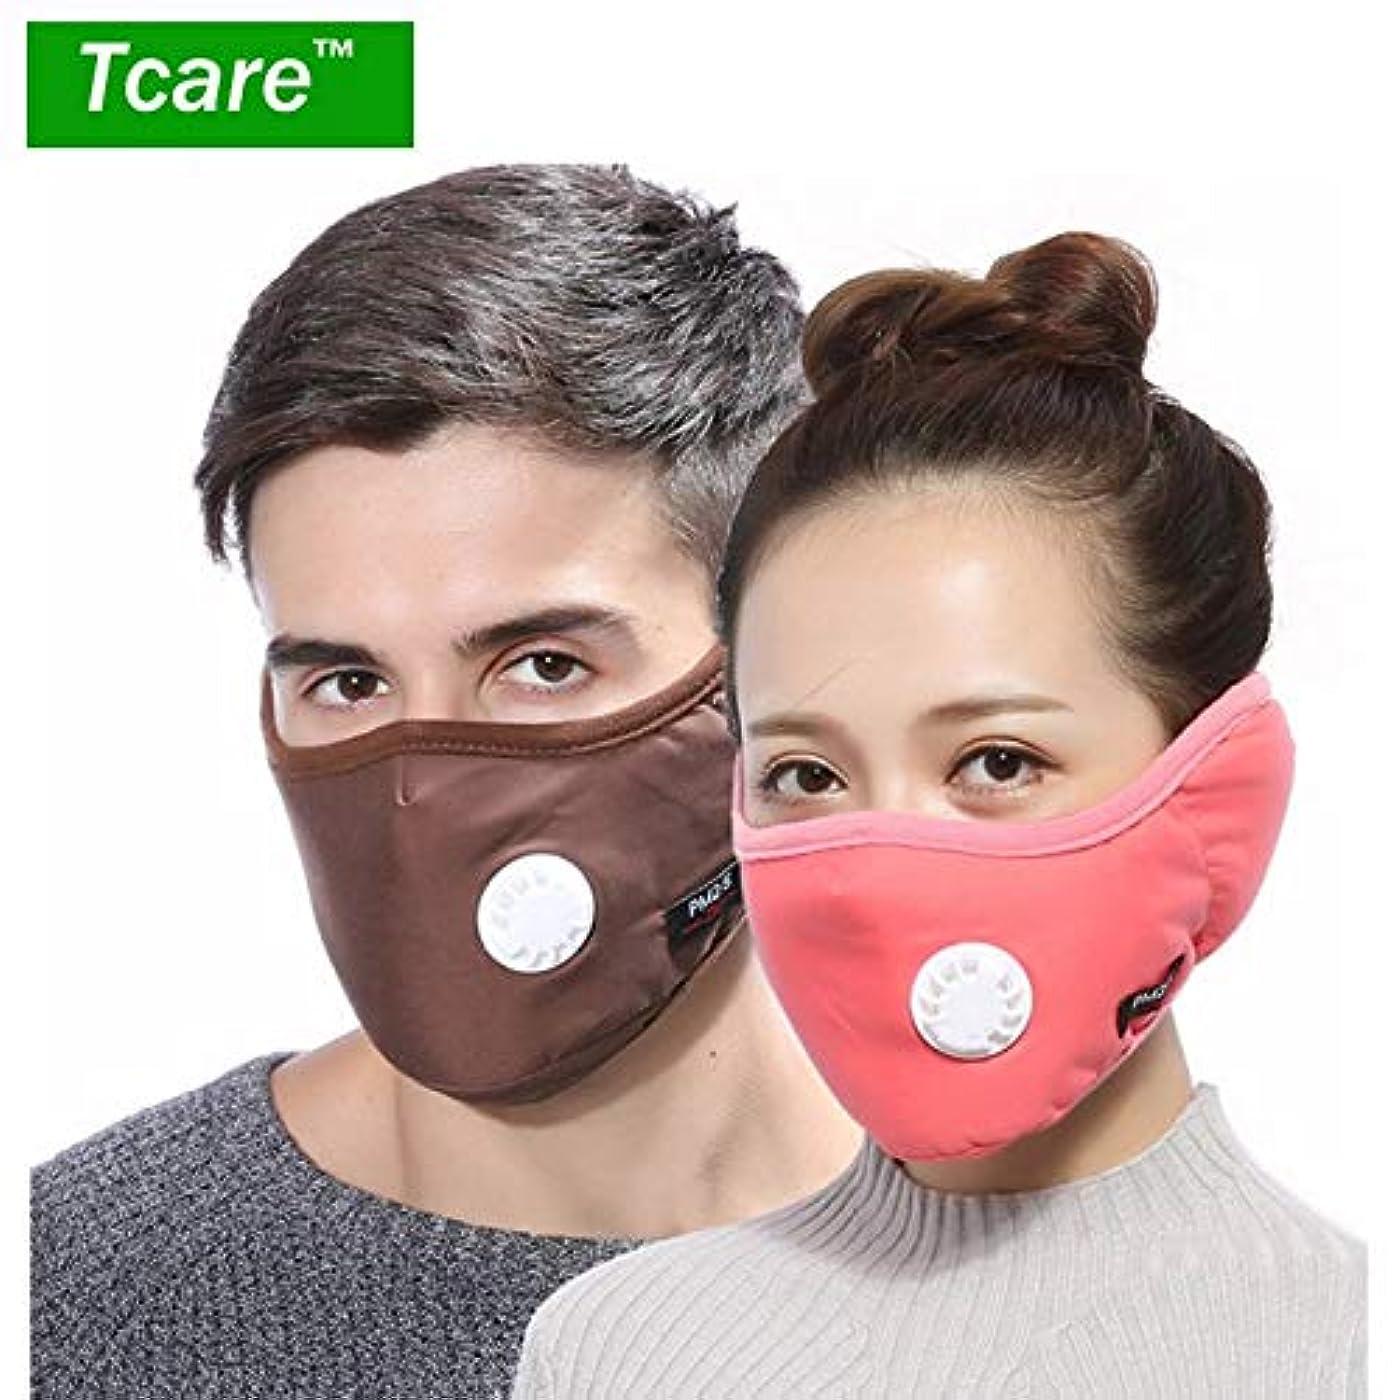 特異な認知コンテスト7グレー:1 PM2.5マスクバルブコットンアンチダスト口マスクの冬のイヤーマフActtedフィルター付マスクでTcare 2